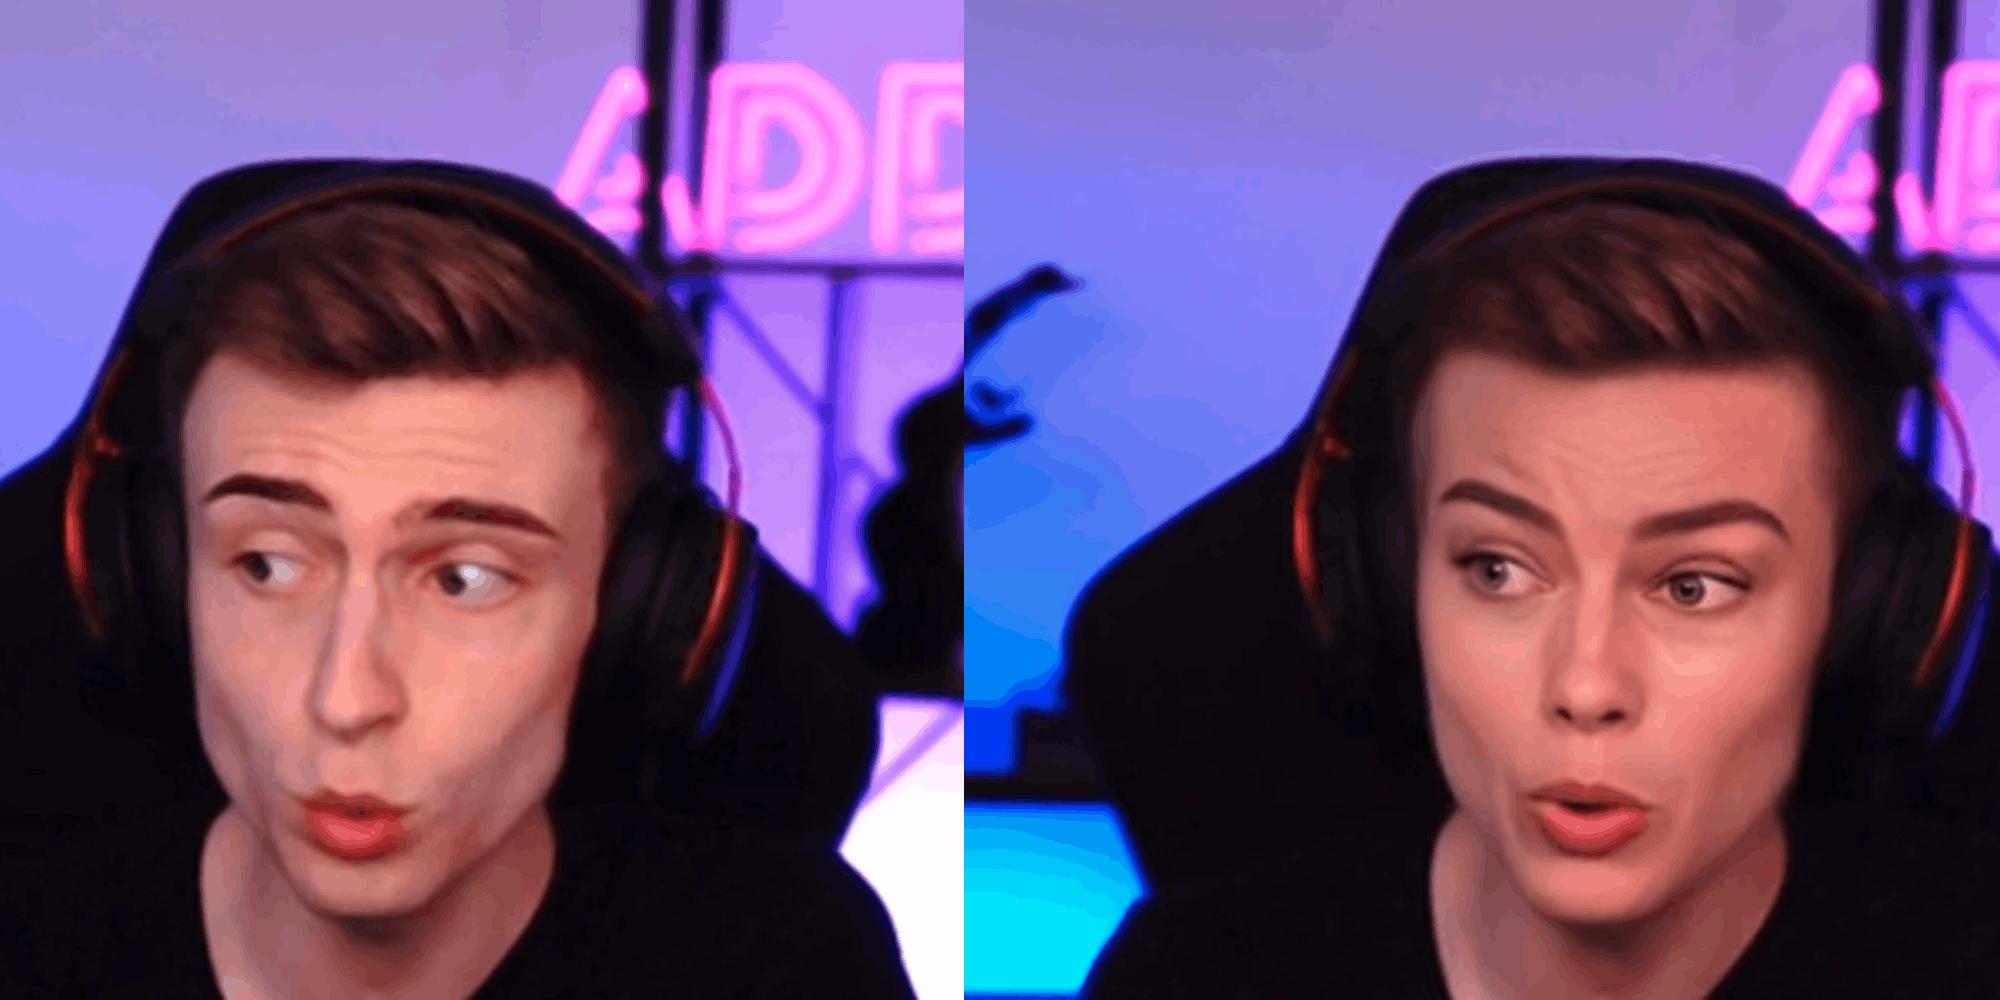 A live streamer using a deepfake tool